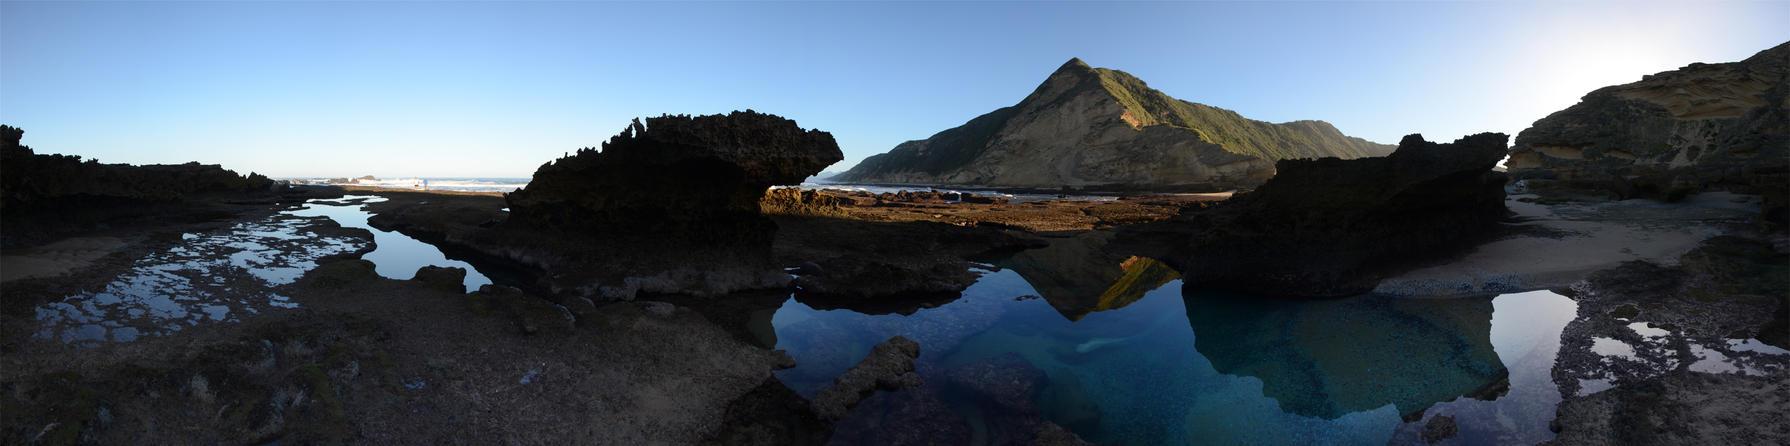 Whale Bone Tide Pool by eRality